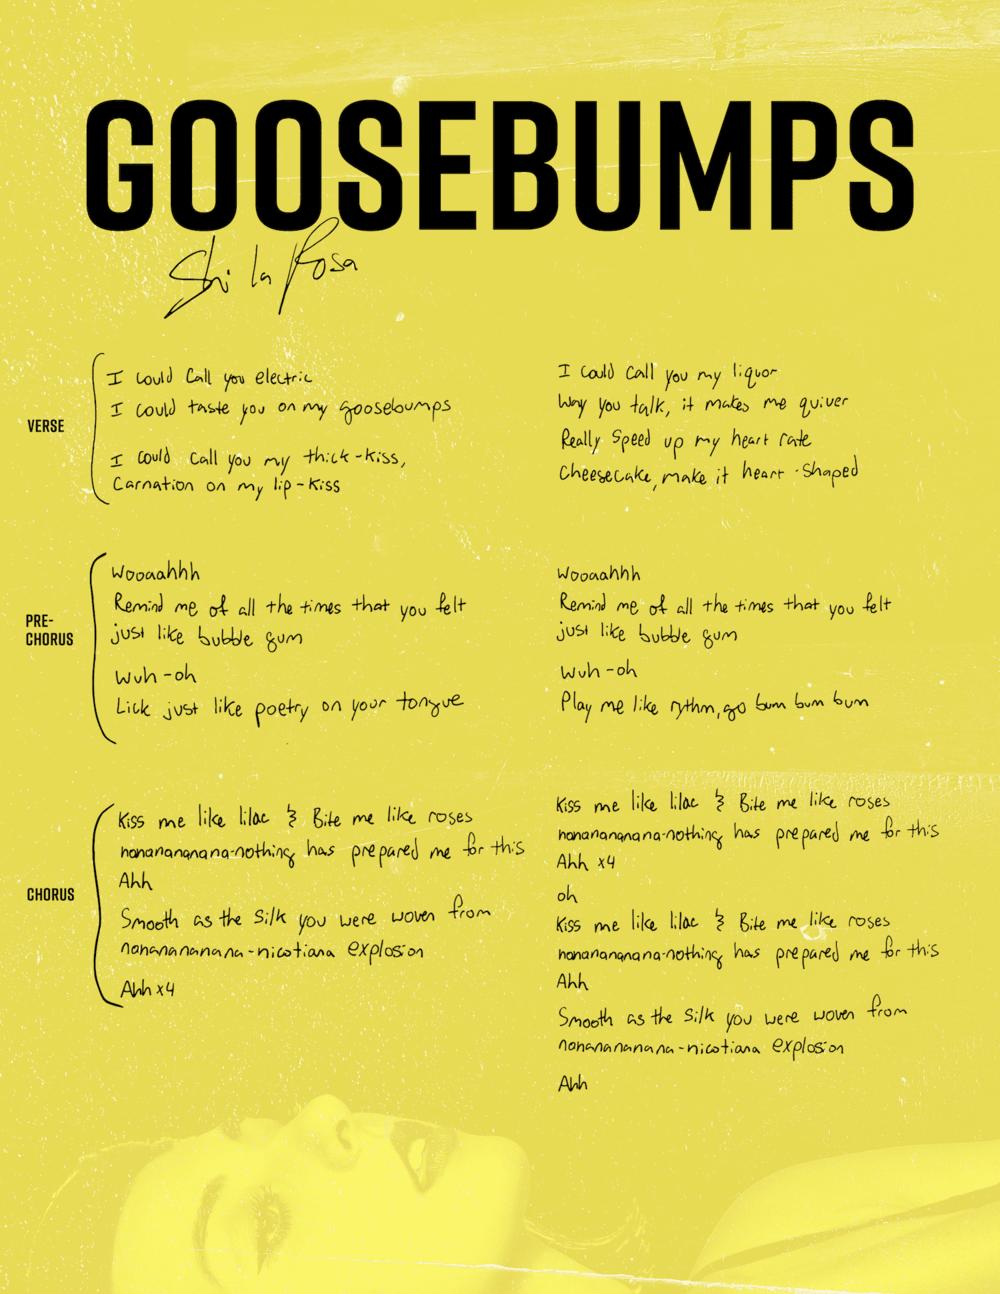 Shi la Rosa_Goosebumps_Lyric Sheet copy.png